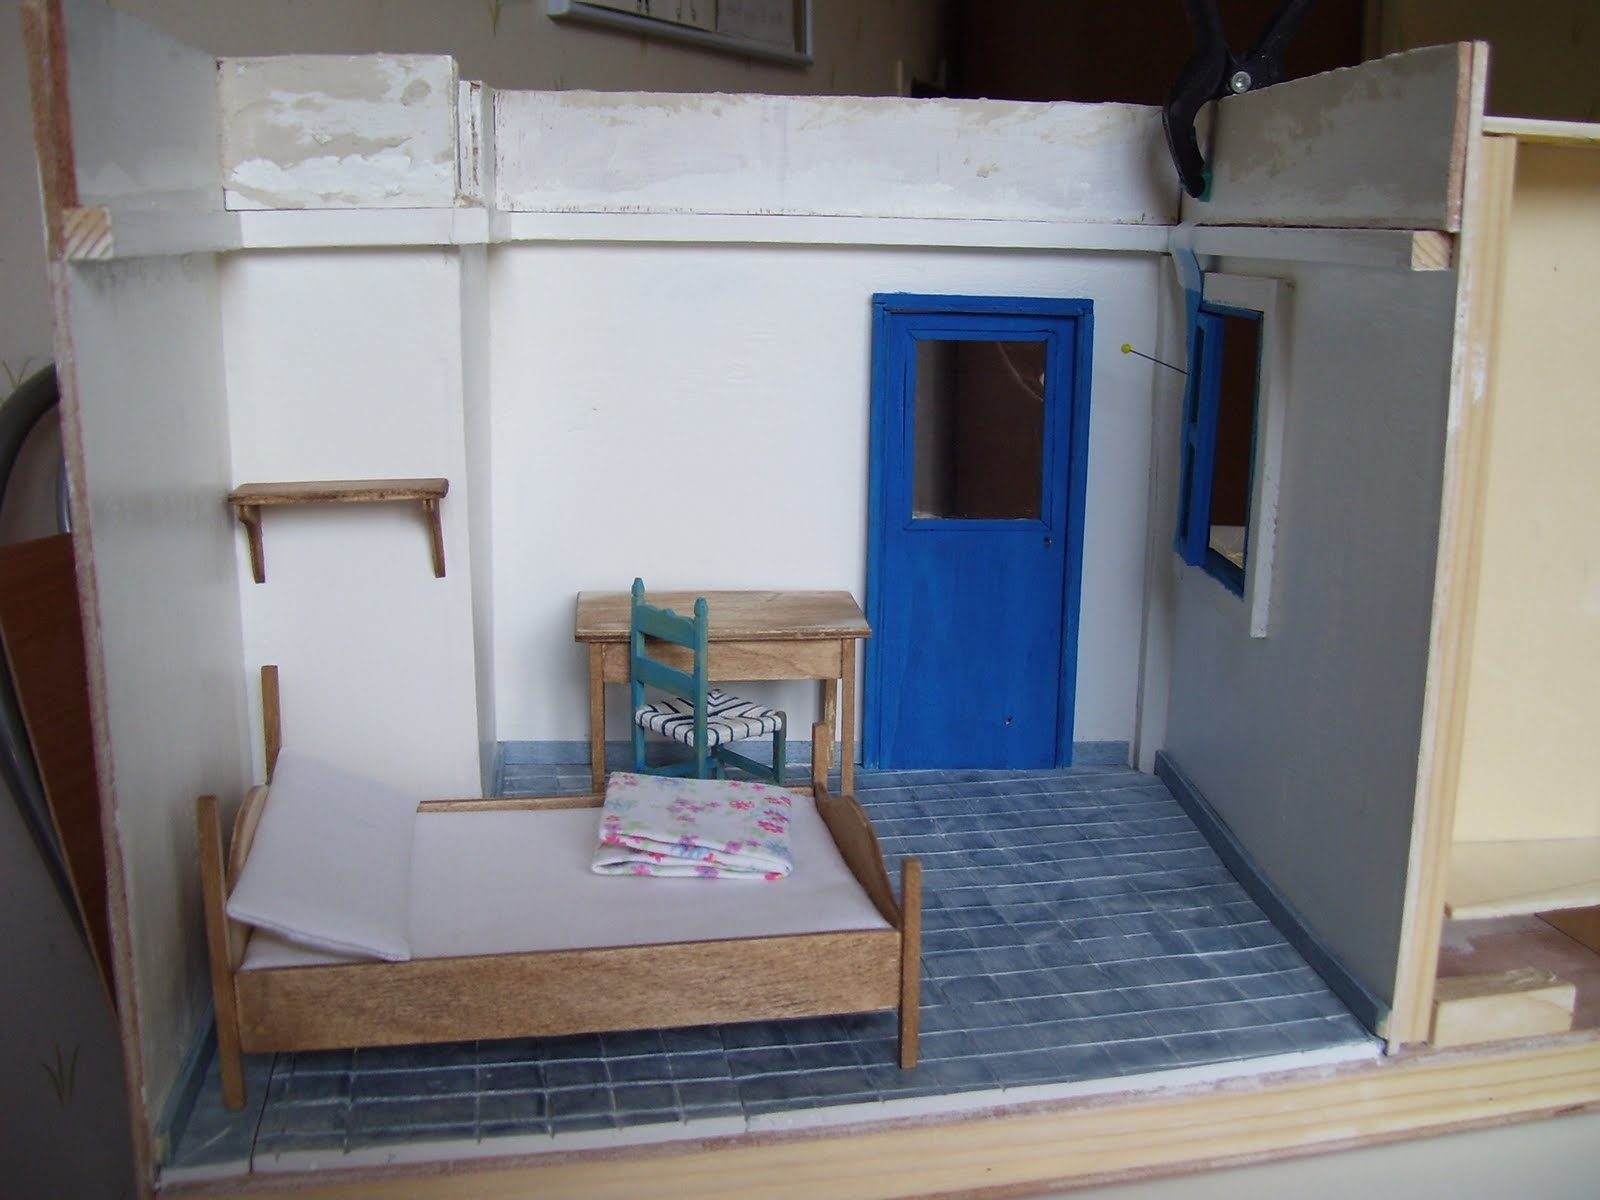 Les miminiatures thera une chambre chez l 39 habitant for Une chambre chez l habitant